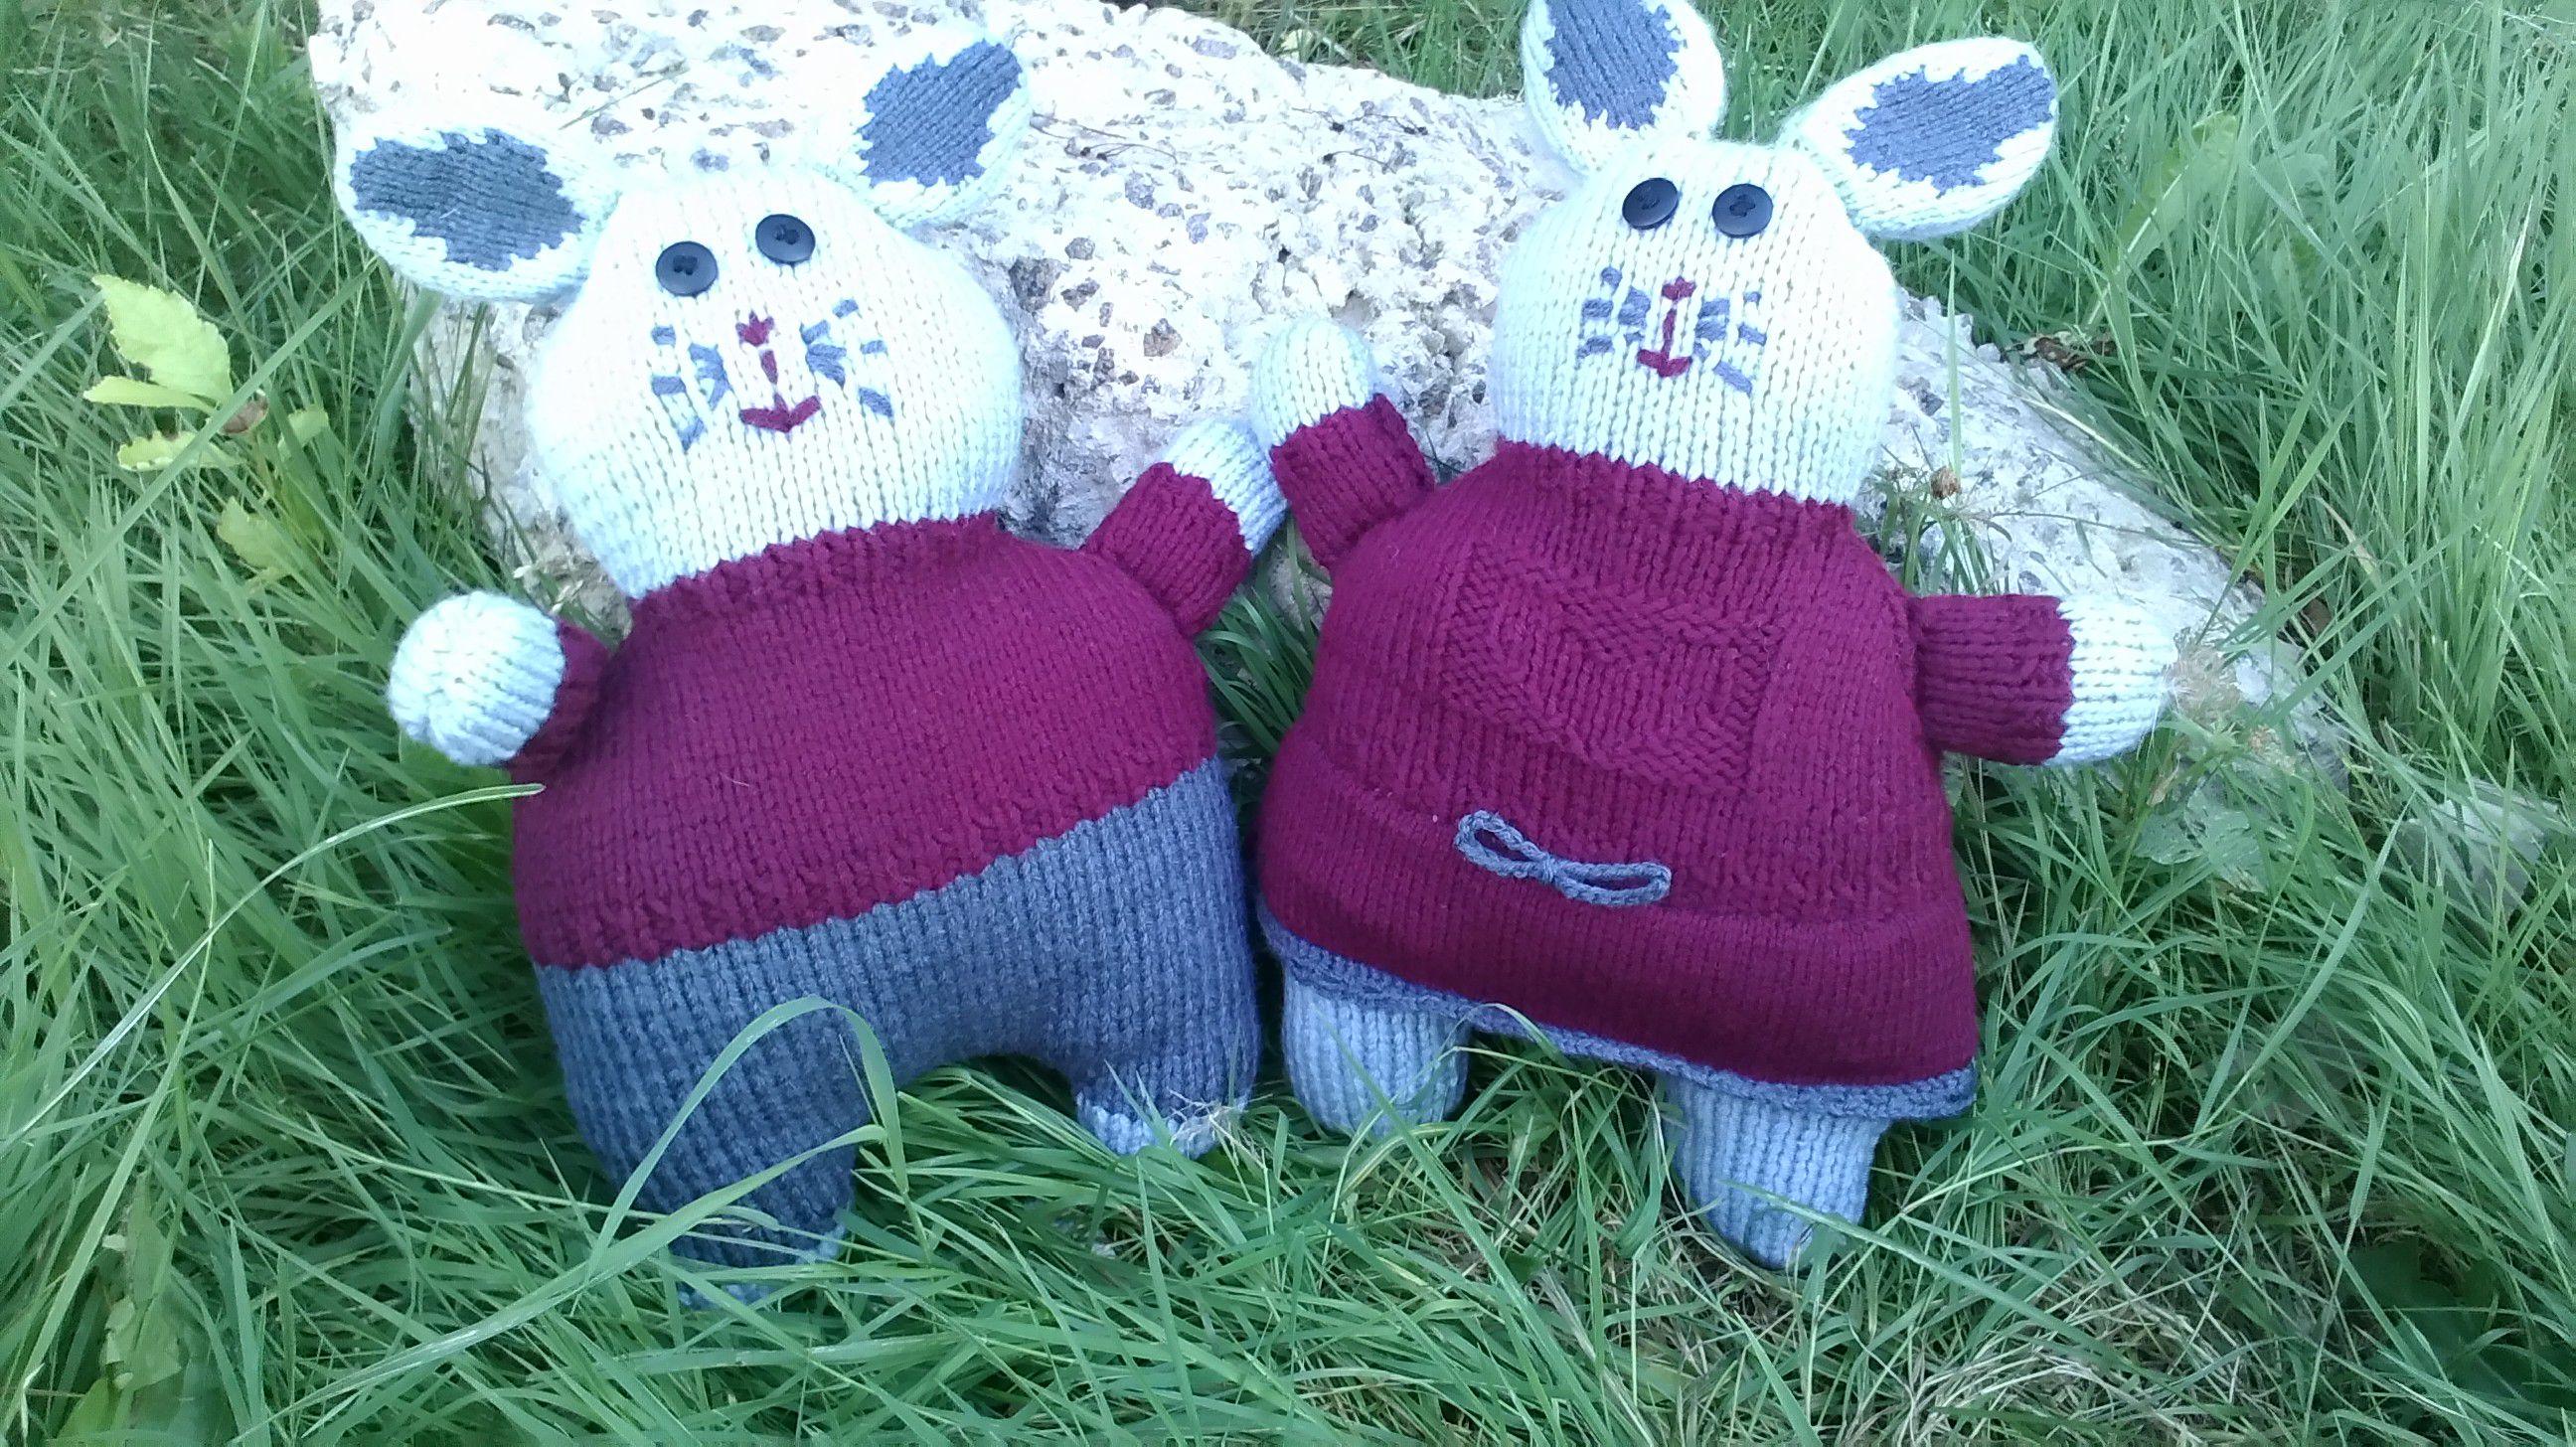 руками связать игрушки подарок пряжи зайки вязаное кролики спицами своими